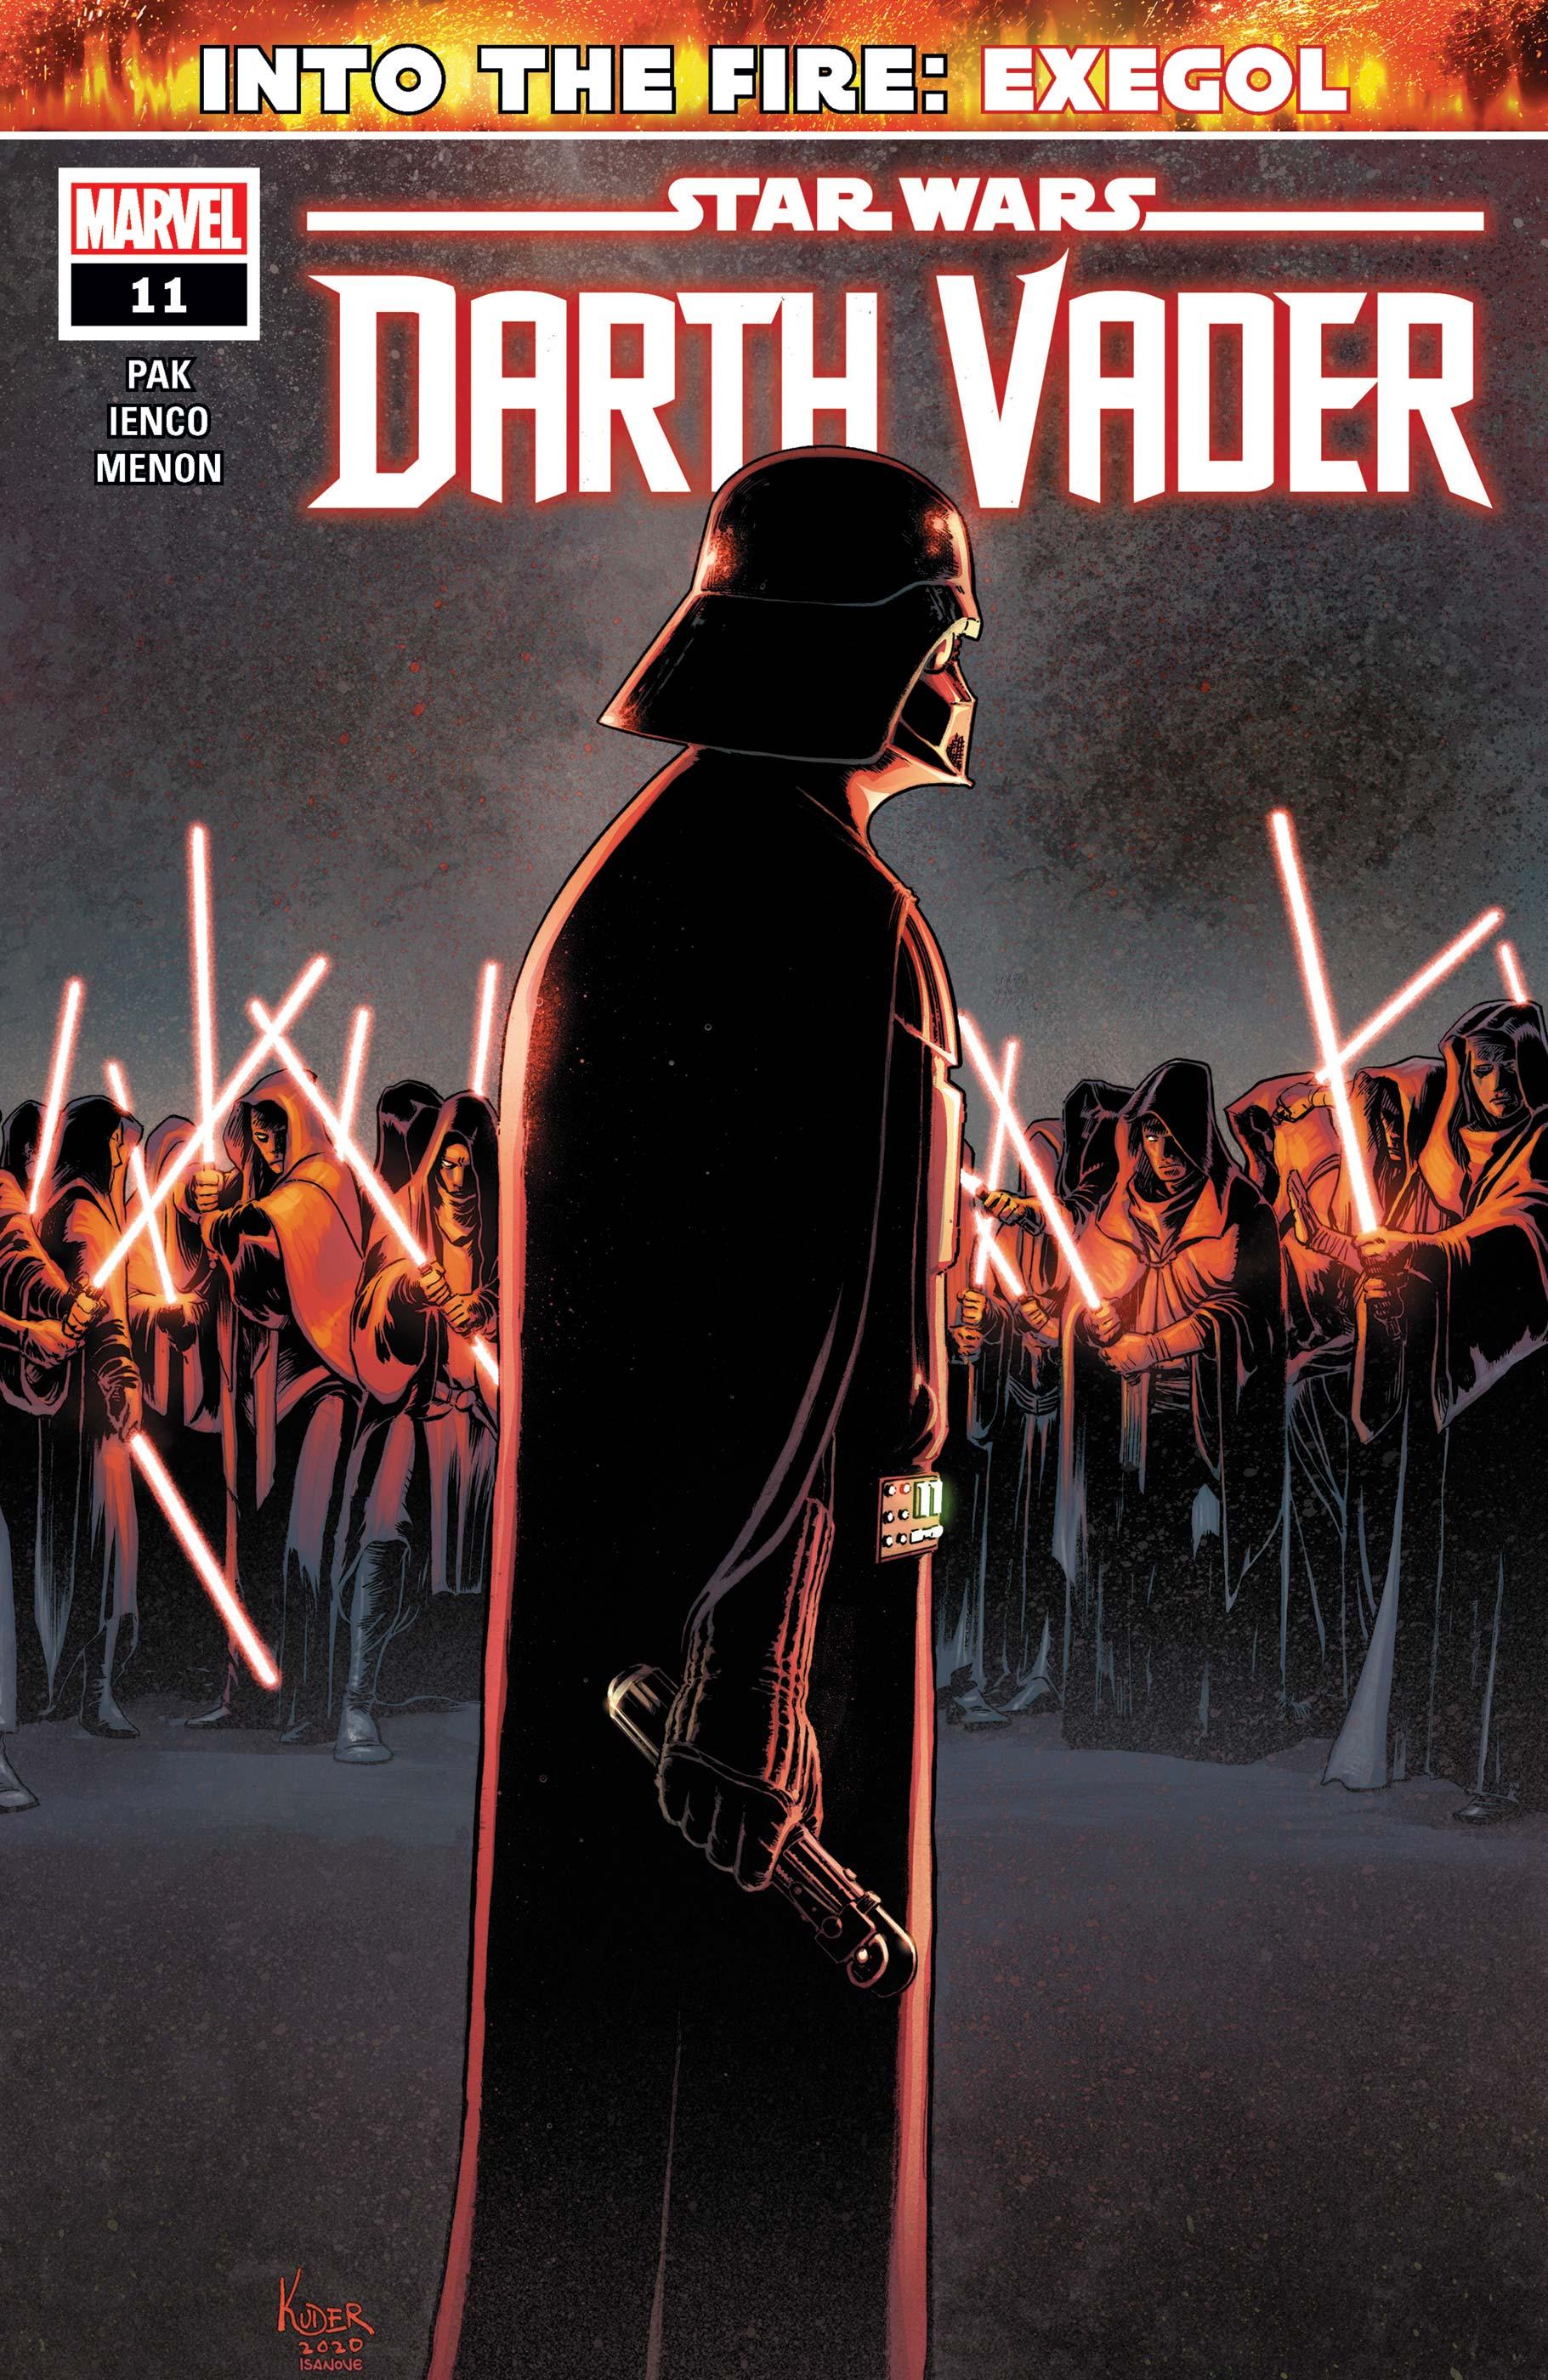 Star Wars: Darth Vader (2020) #11